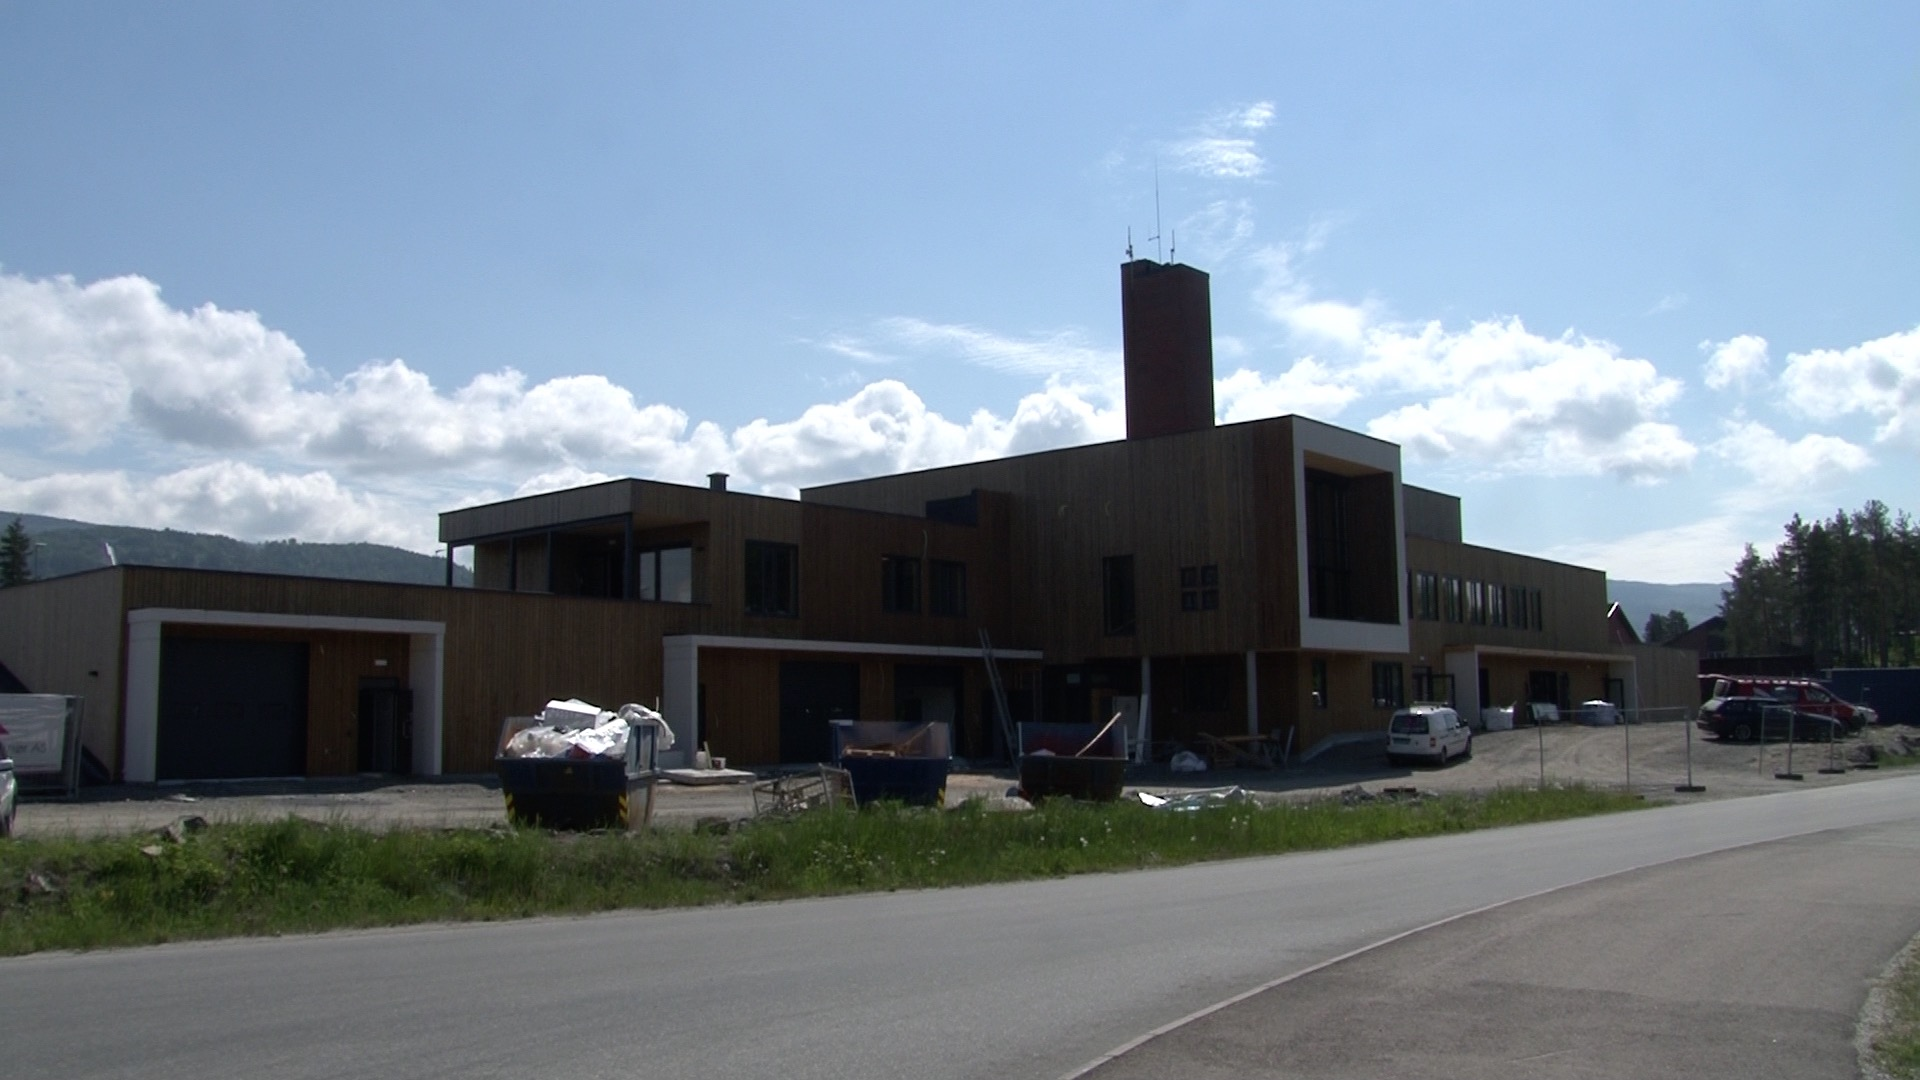 Budsjettsprekk for kommunens nye bygg på Nedmarken